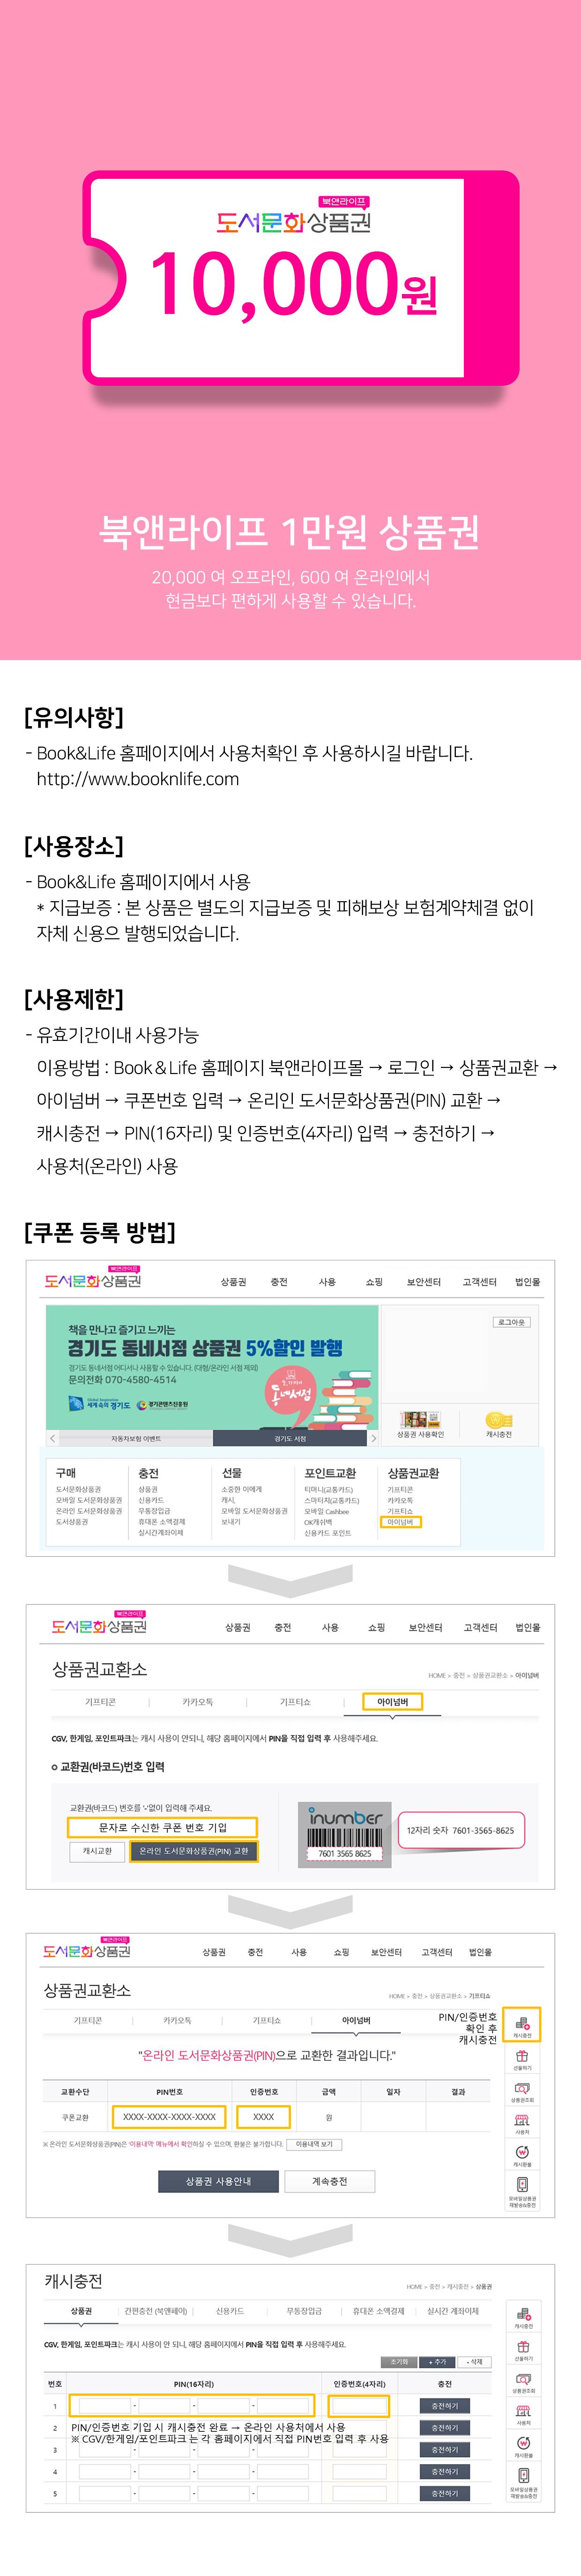 북앤라이프 온라인 도서문화상품권 1만원권